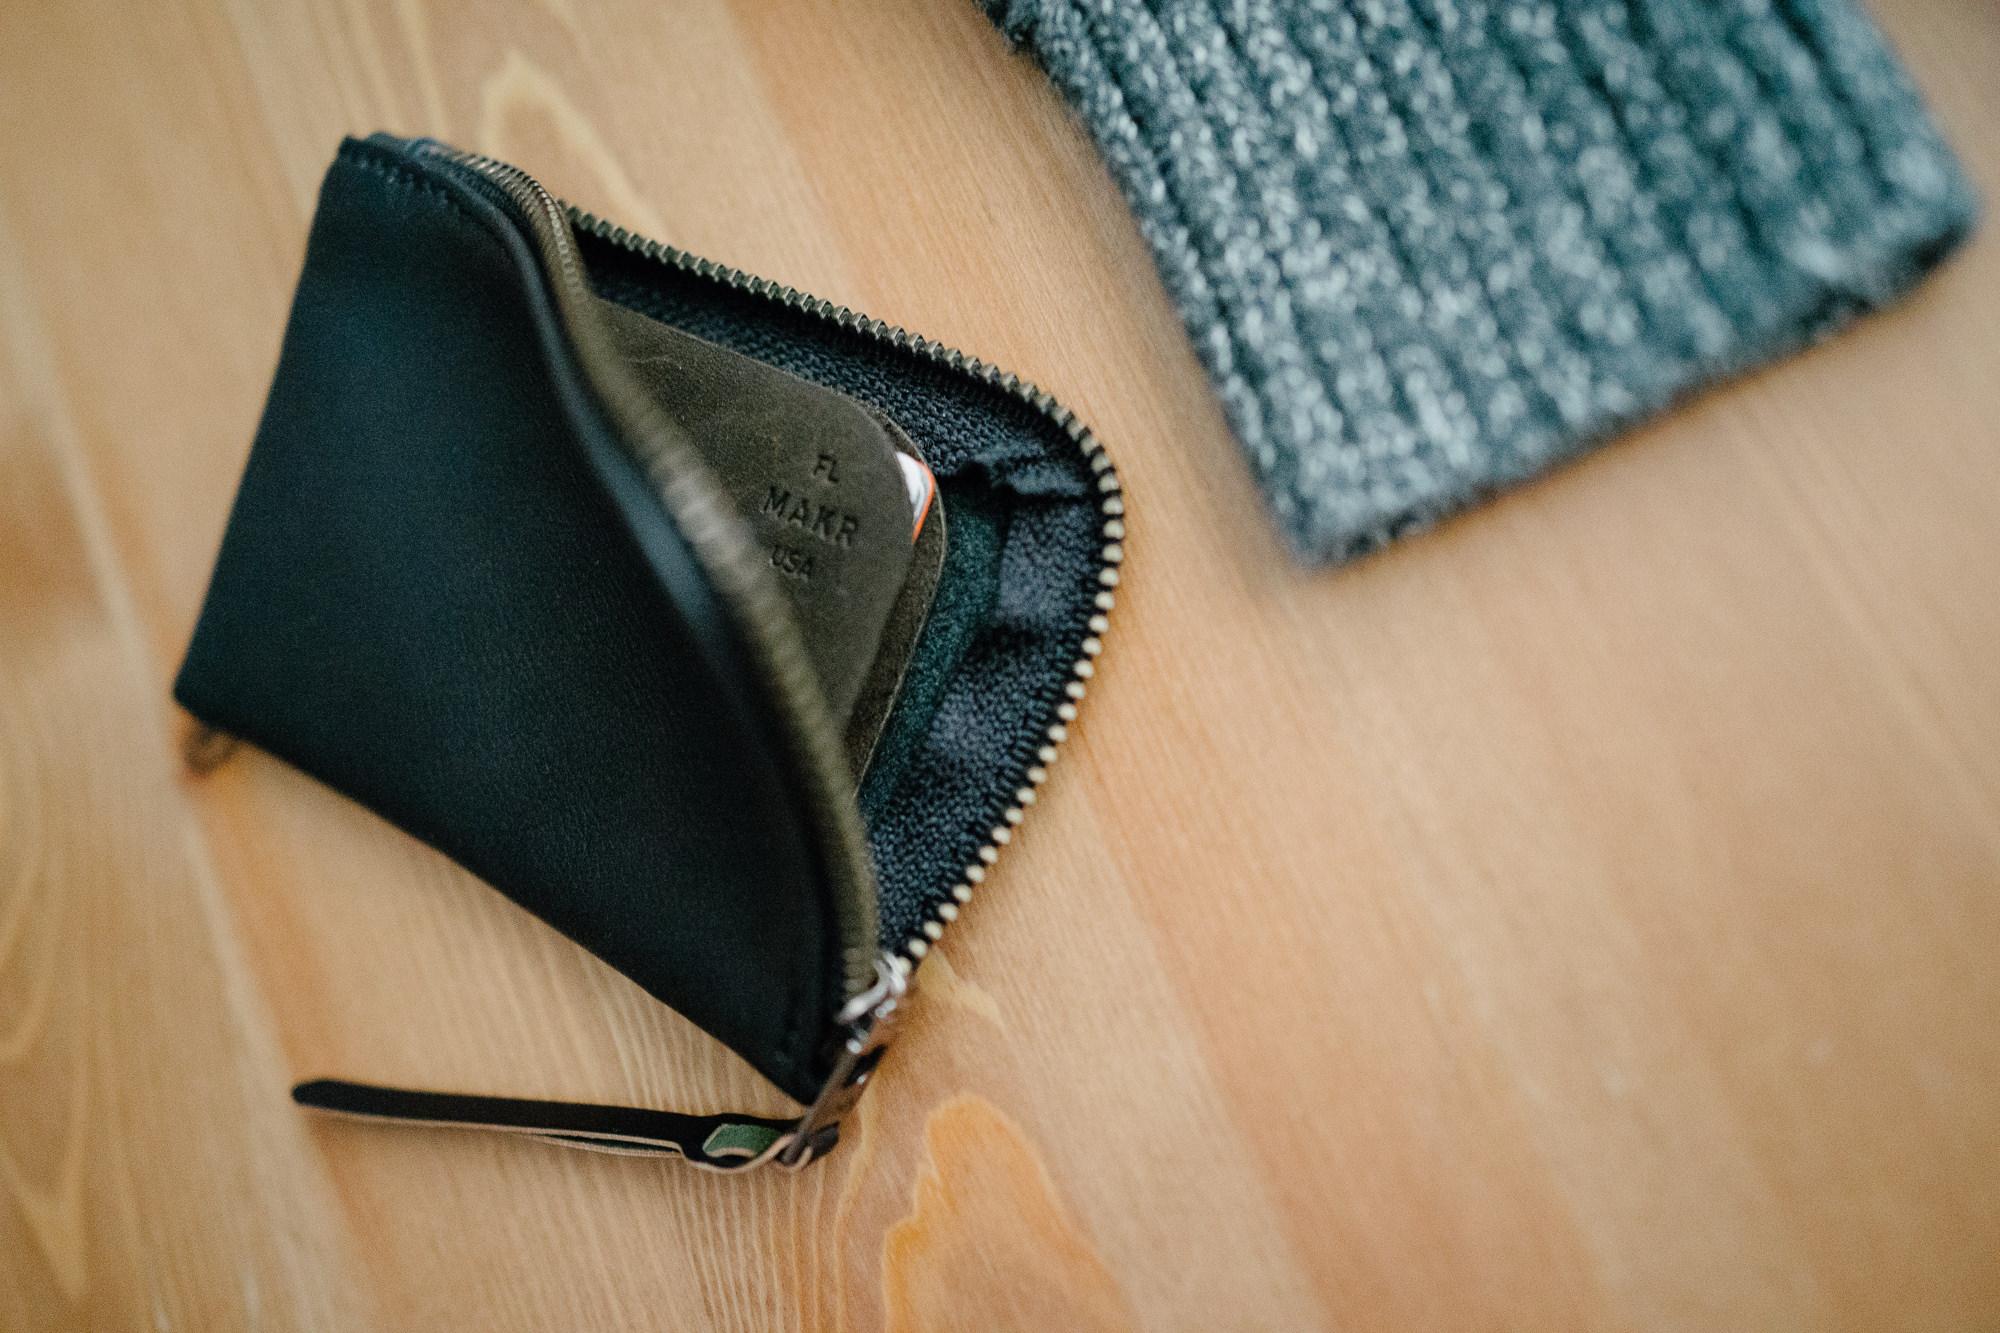 Sony RX1   makr zipper slim wallet in black